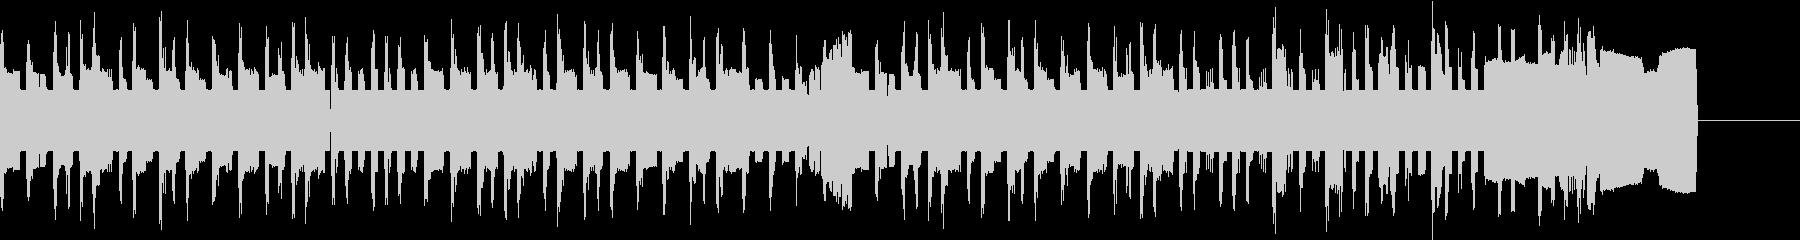 ファミコン風タイトル画面のゲームBGMの未再生の波形